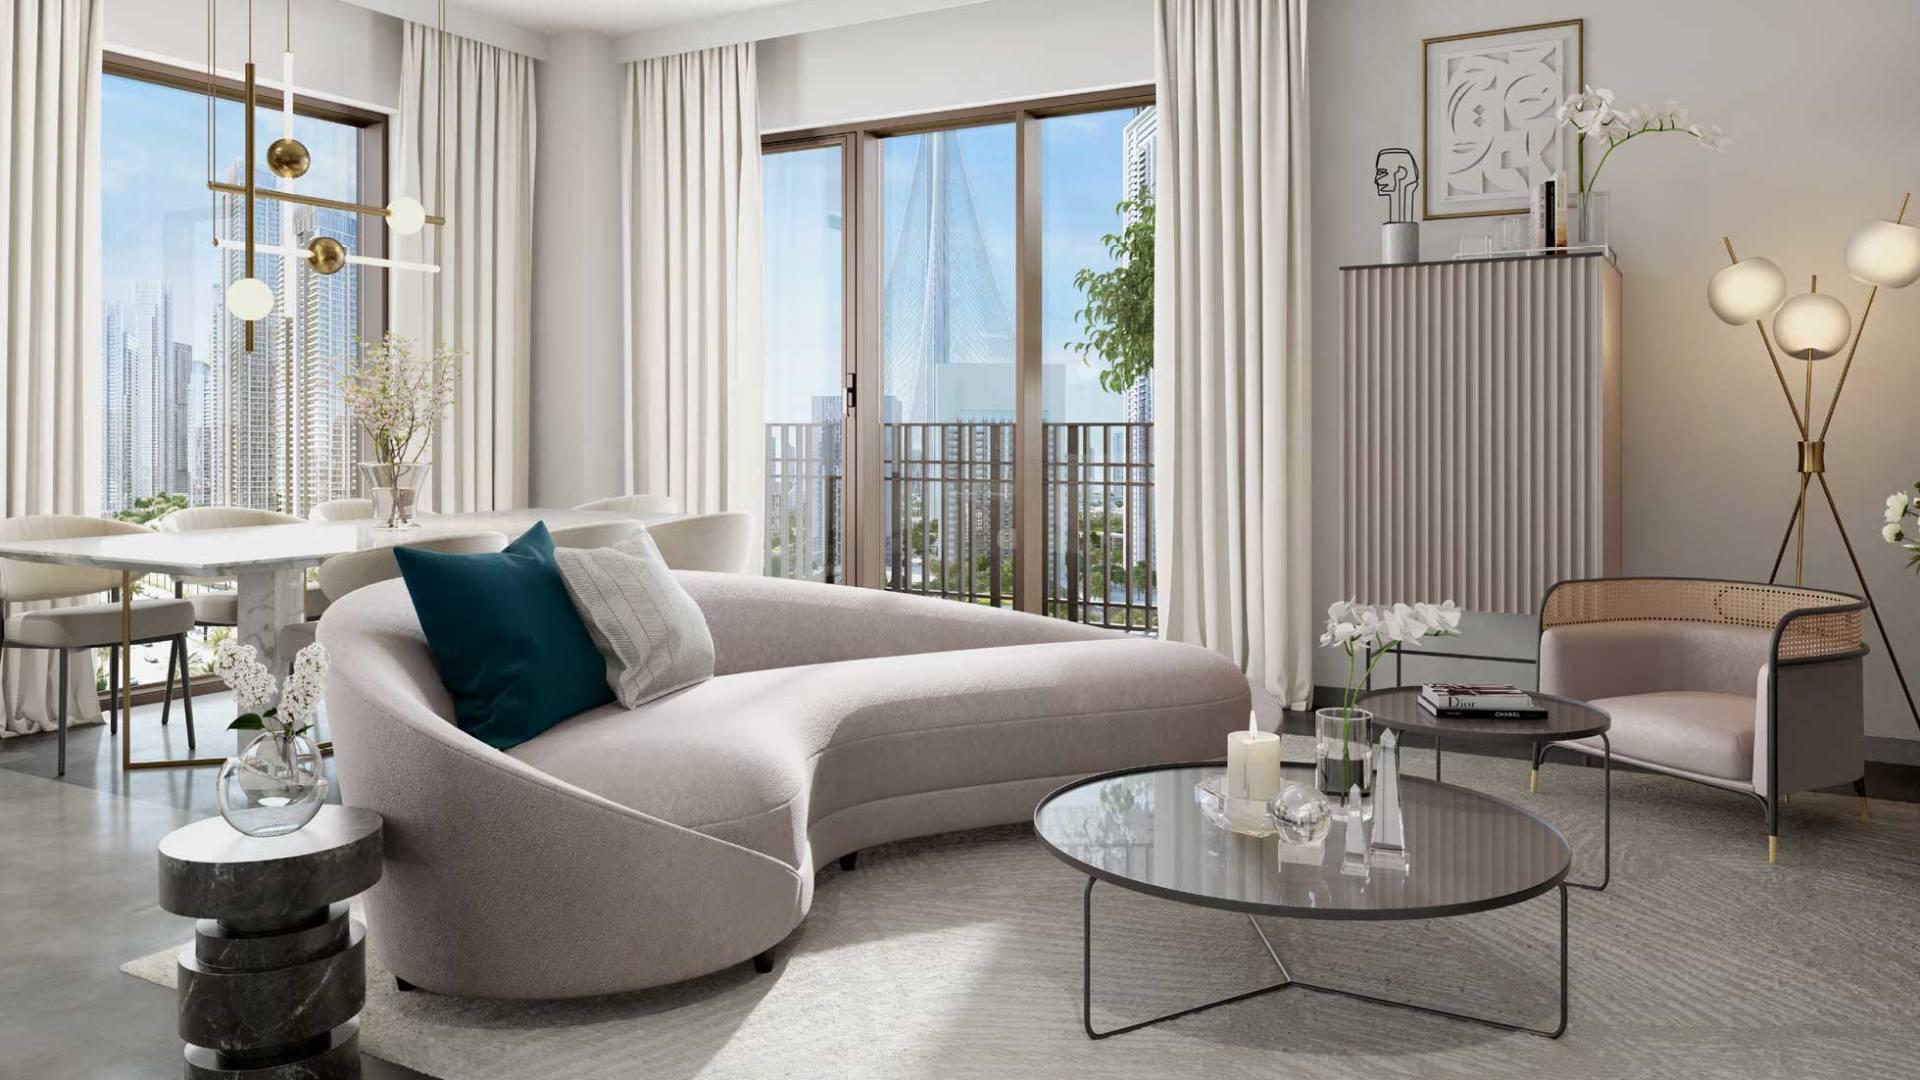 Apartamento en venta en Dubai, EAU, 3 dormitorios, 142 m2, № 24620 – foto 4